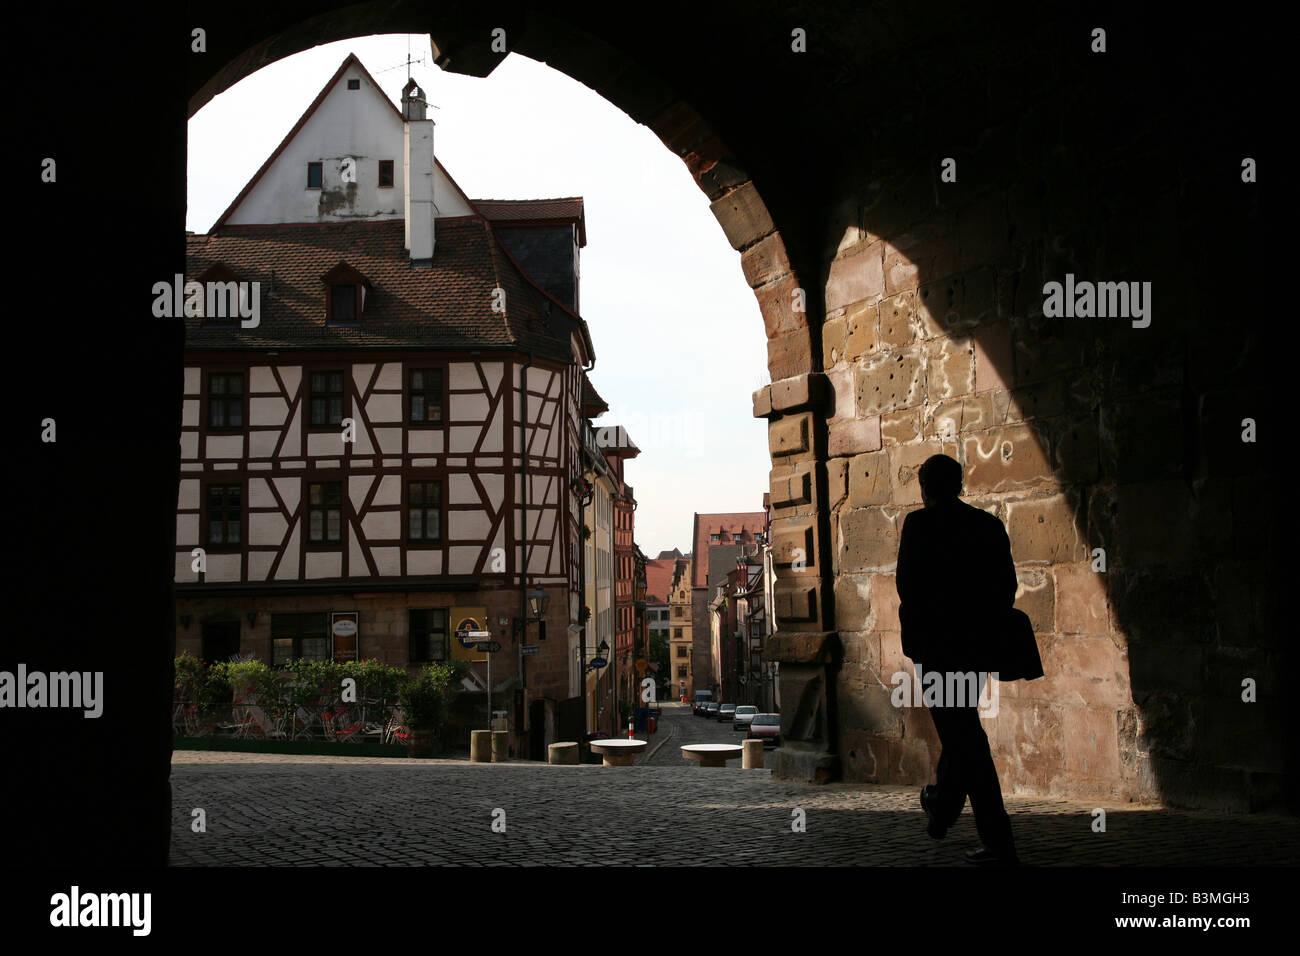 Silhouette Mann zu Fuß durch das mittelalterliche Tor Tiergartnertor, Albrecht Durer Haus in Nürnberg, Stockbild